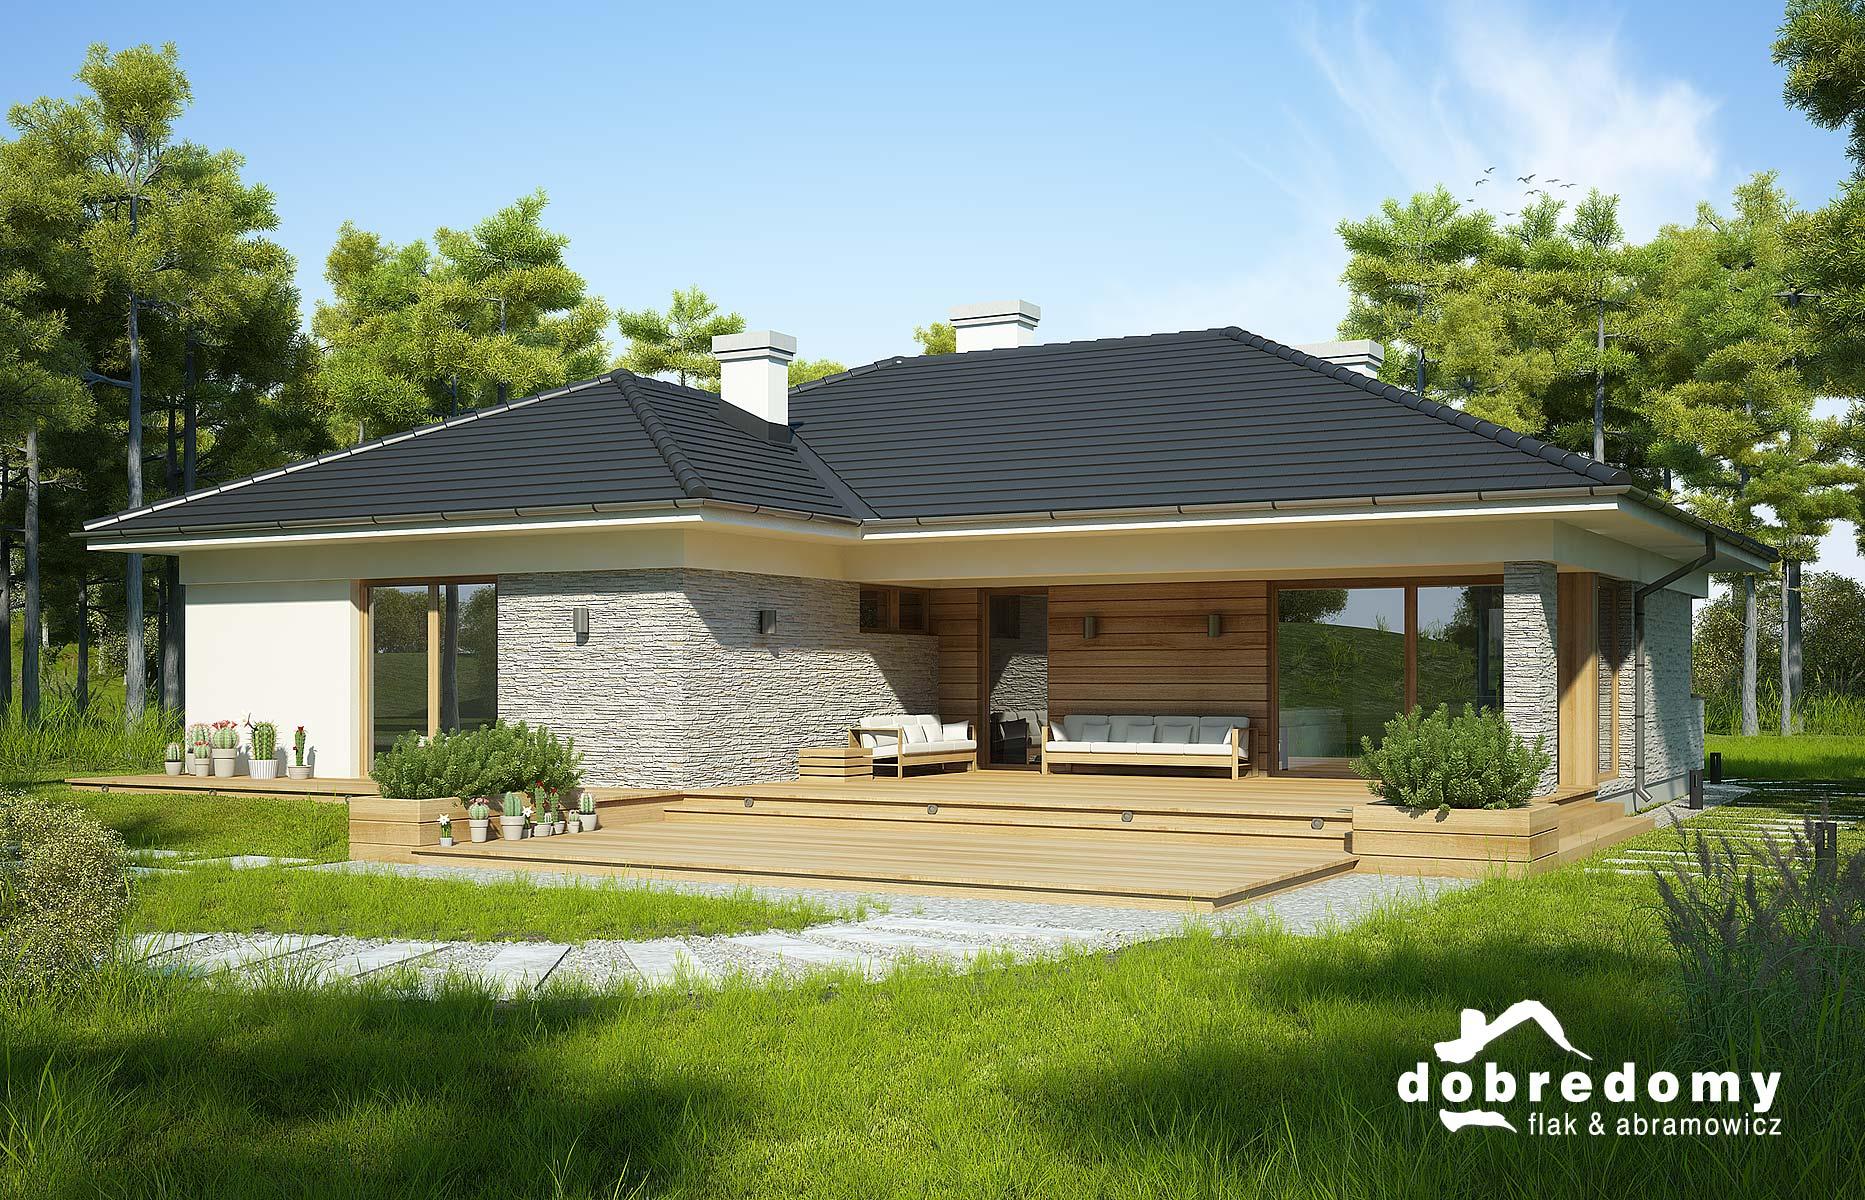 Jak zabezpieczyć dom przed wysokimi temperaturami?